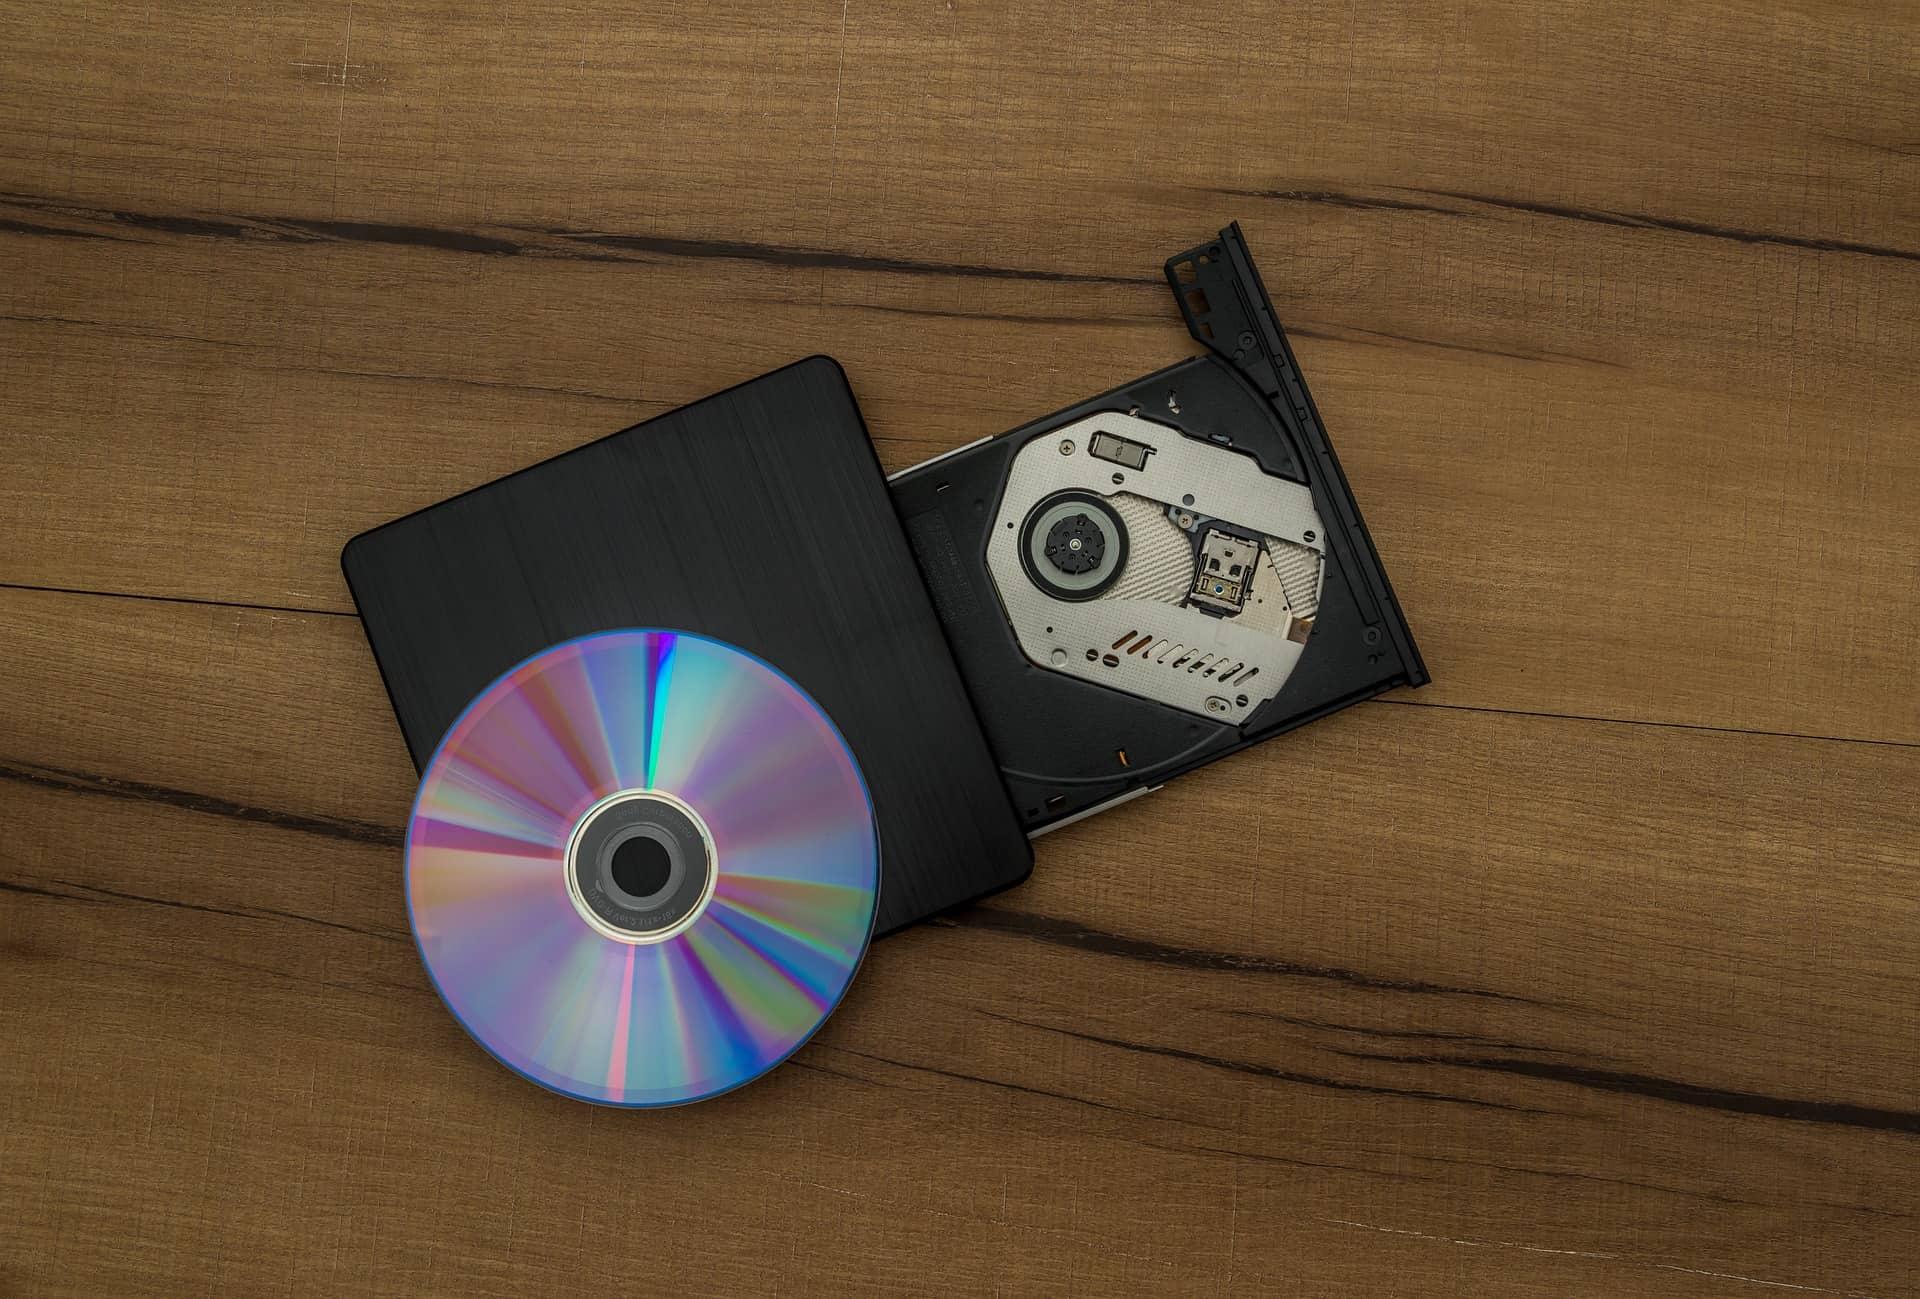 Imagem de um gravador de DVD aberto com um disco sobre o aparelho.